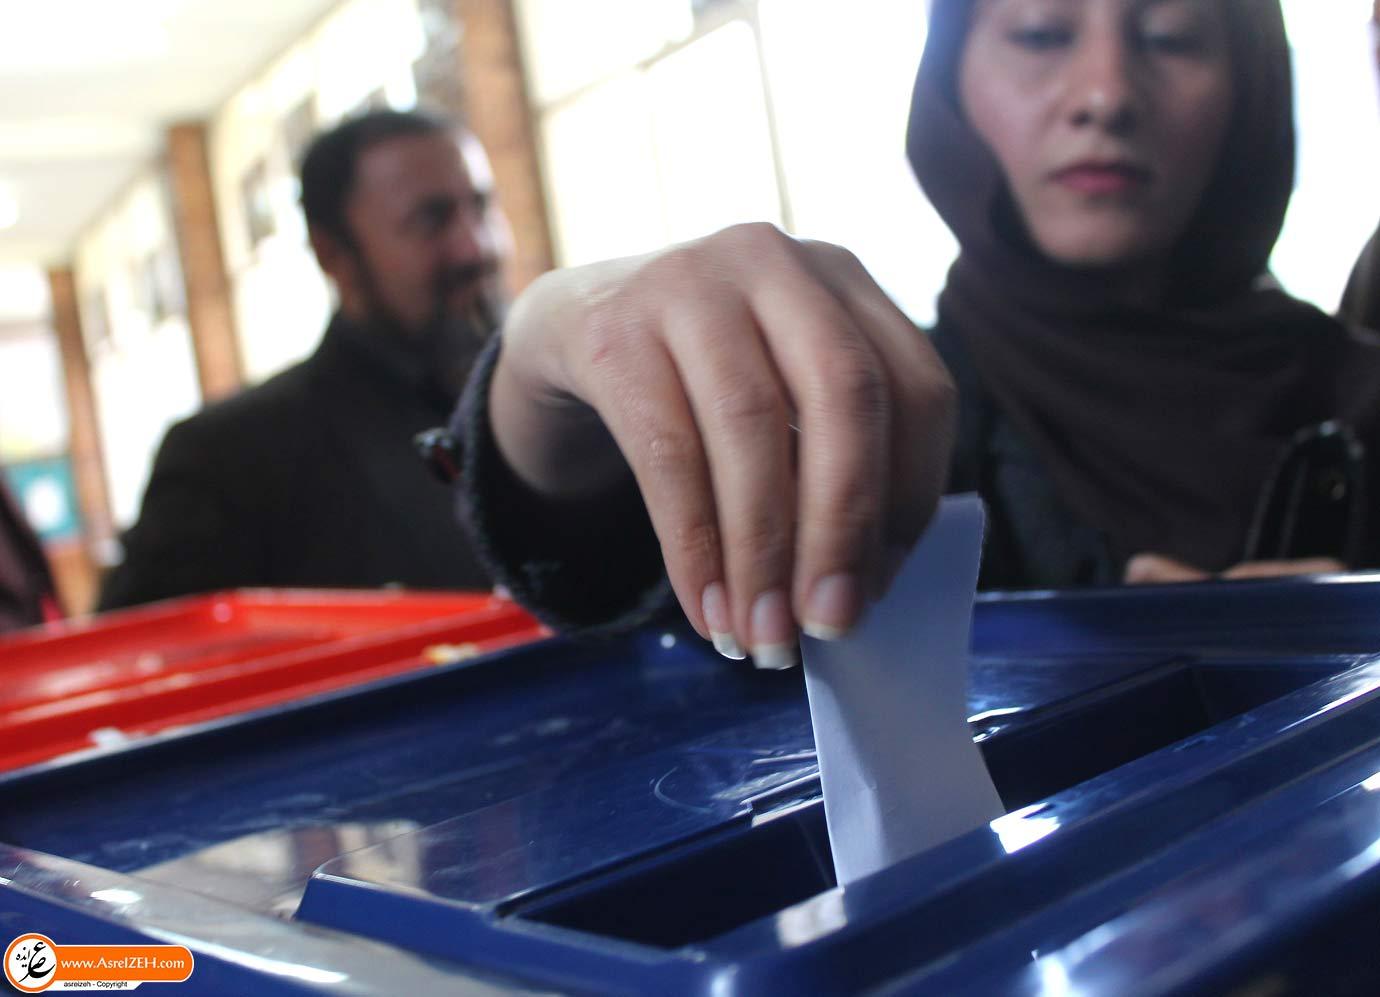 زمان اخذ رای تا ساعت ۲۱ تمدید شد/ زمان دقیق زمان دقیق اعلام نتایج انتخابات مشخص نیست